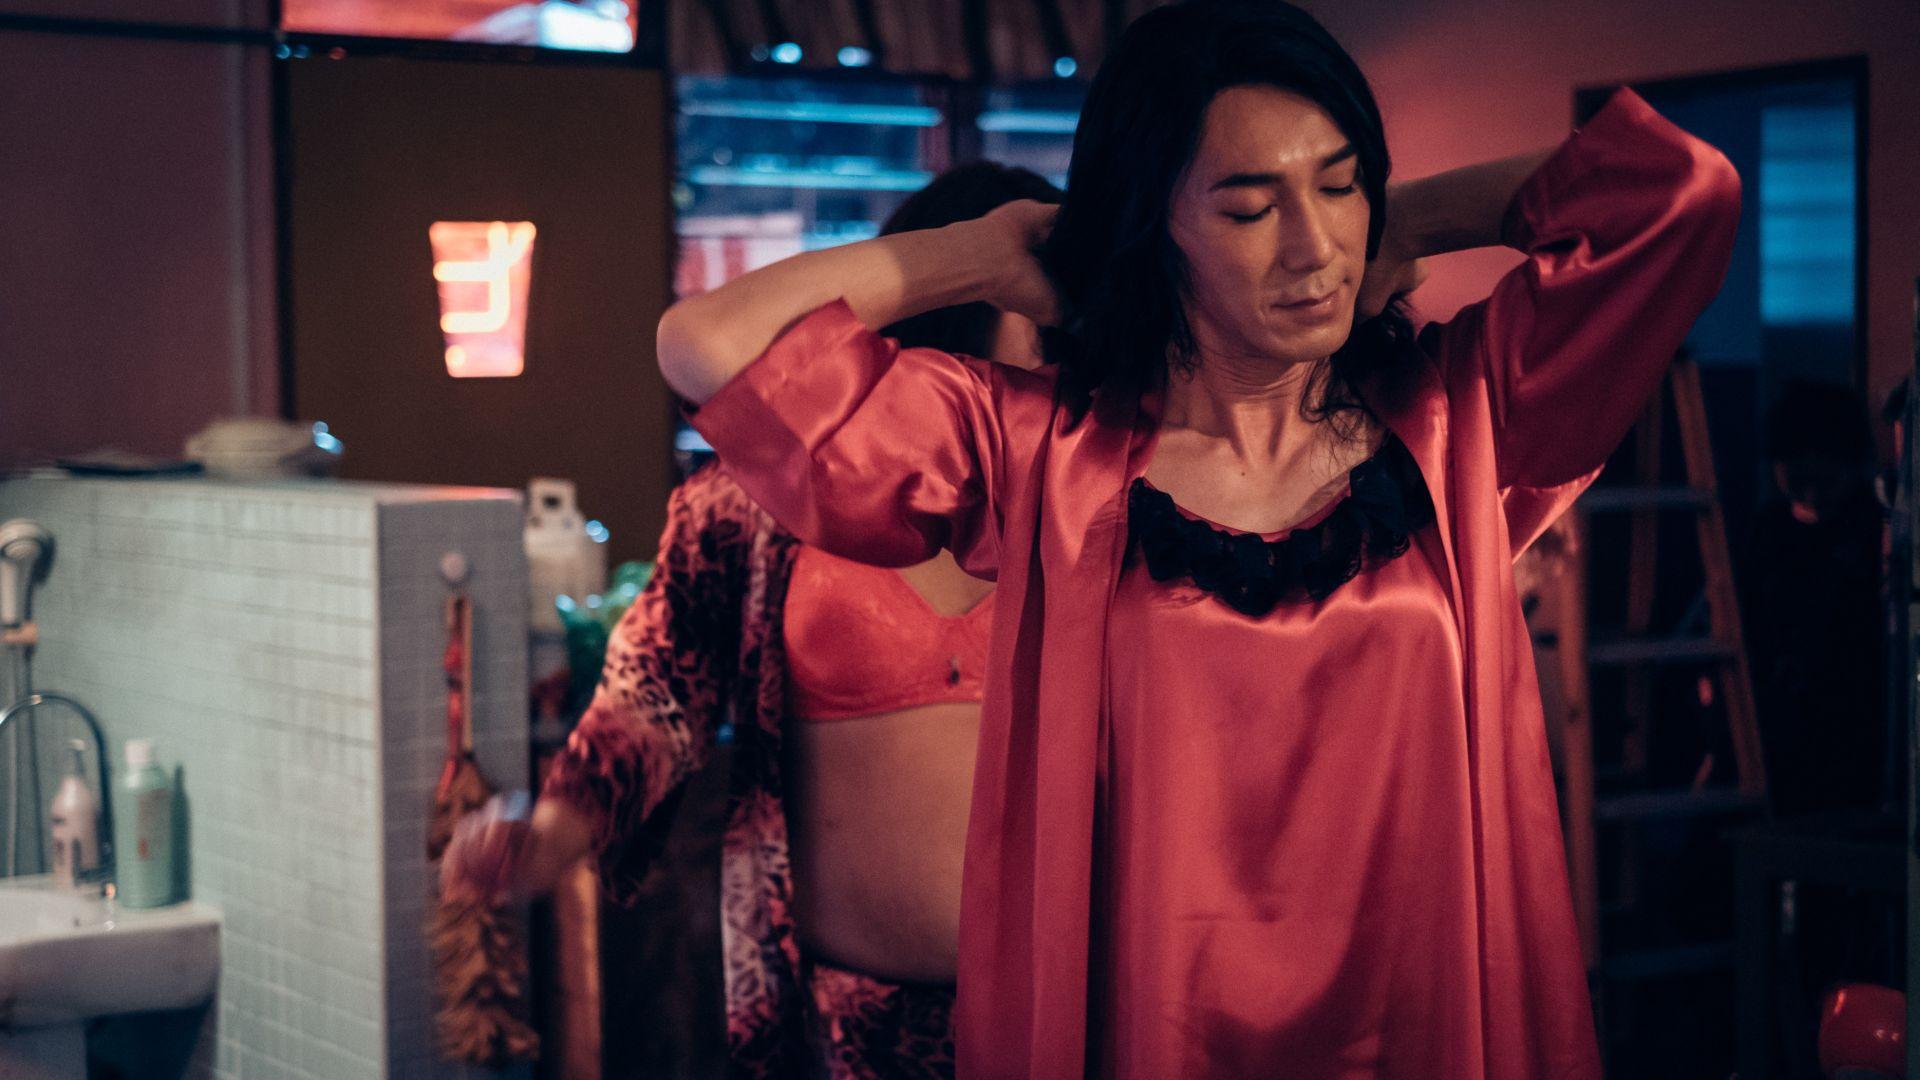 李李仁每天花费1个半至2小时的时间扮女装